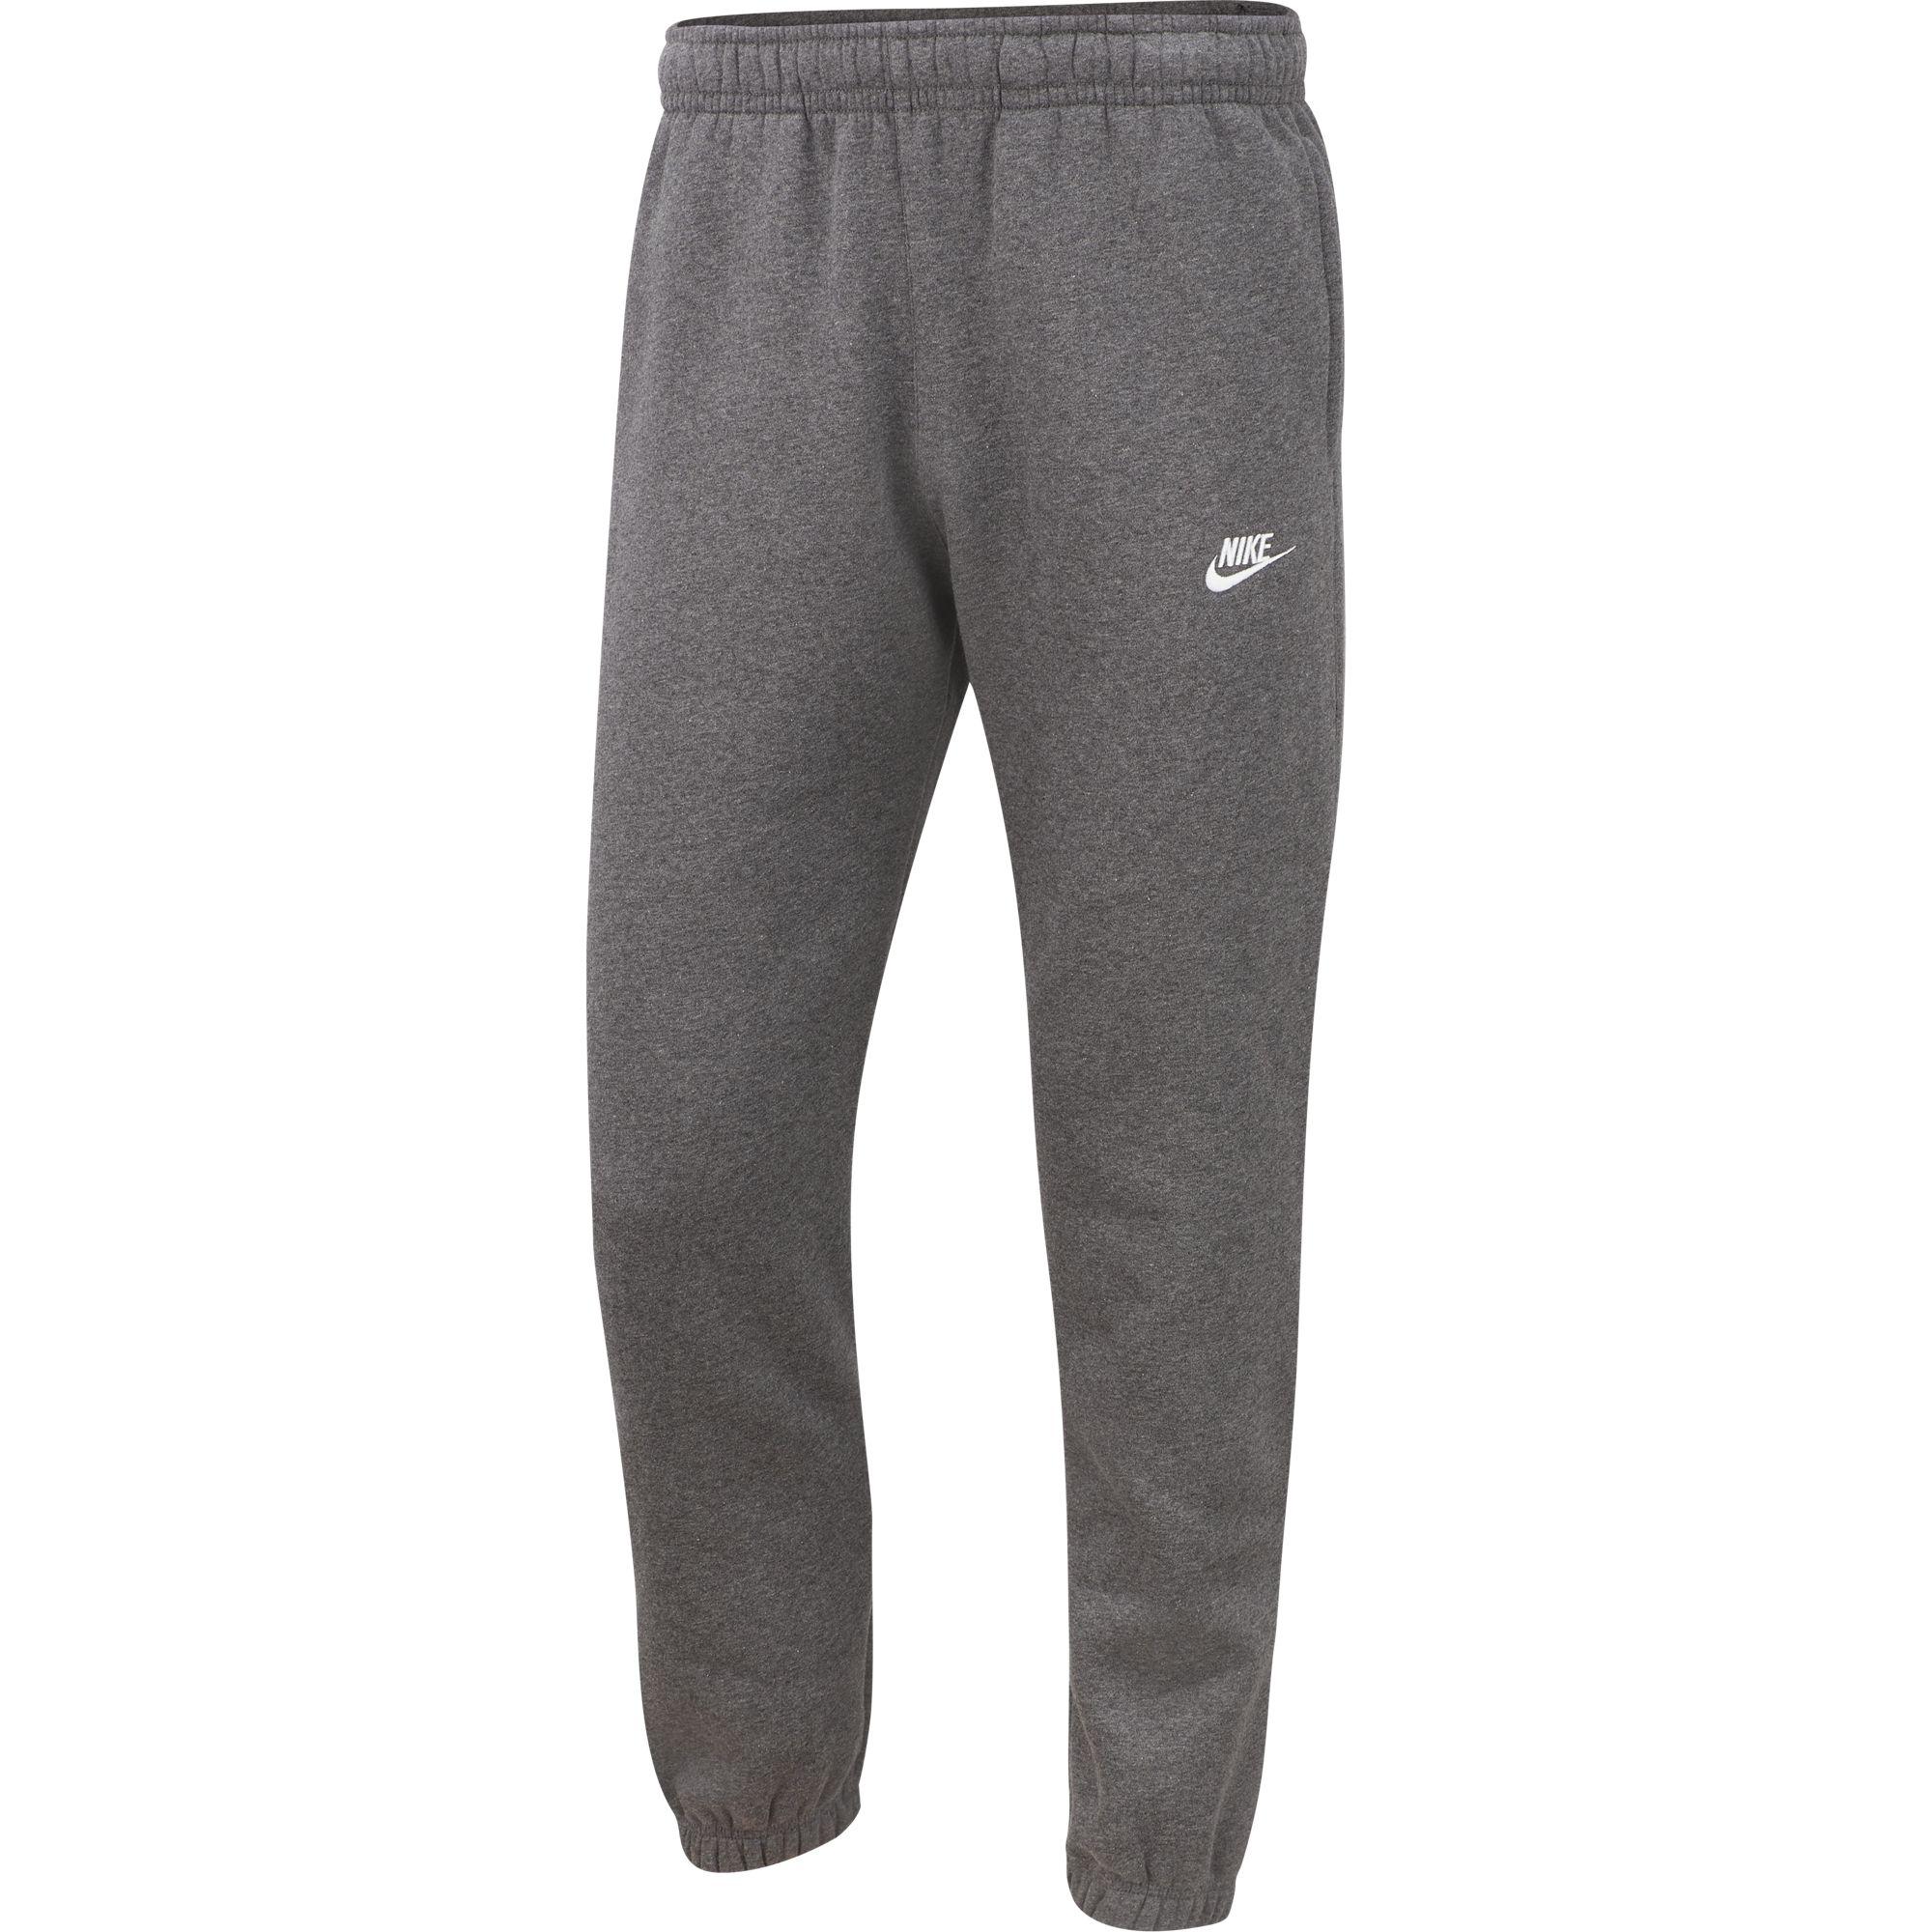 Men's Sportswear Club Fleece Pants, Charcoal,Smoke,Steel, swatch